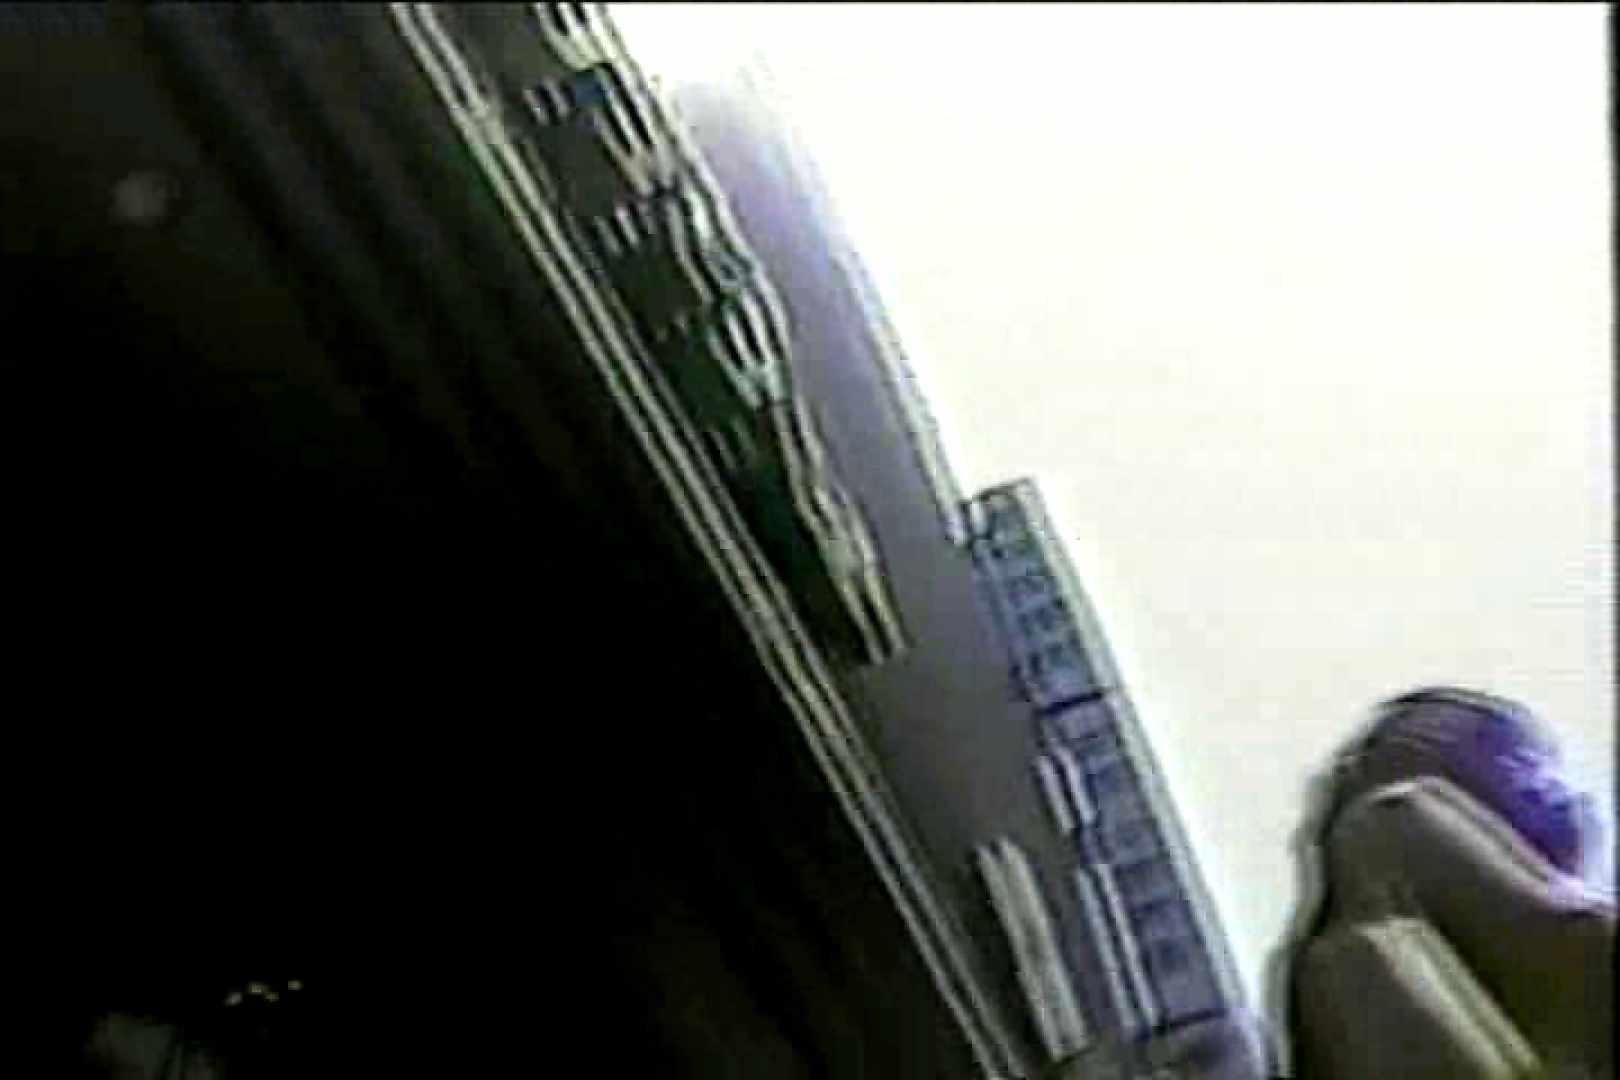 関西発!タツヤのDV直撮り大追跡Vol.1 OLエロ画像 | 追跡  109PICs 11